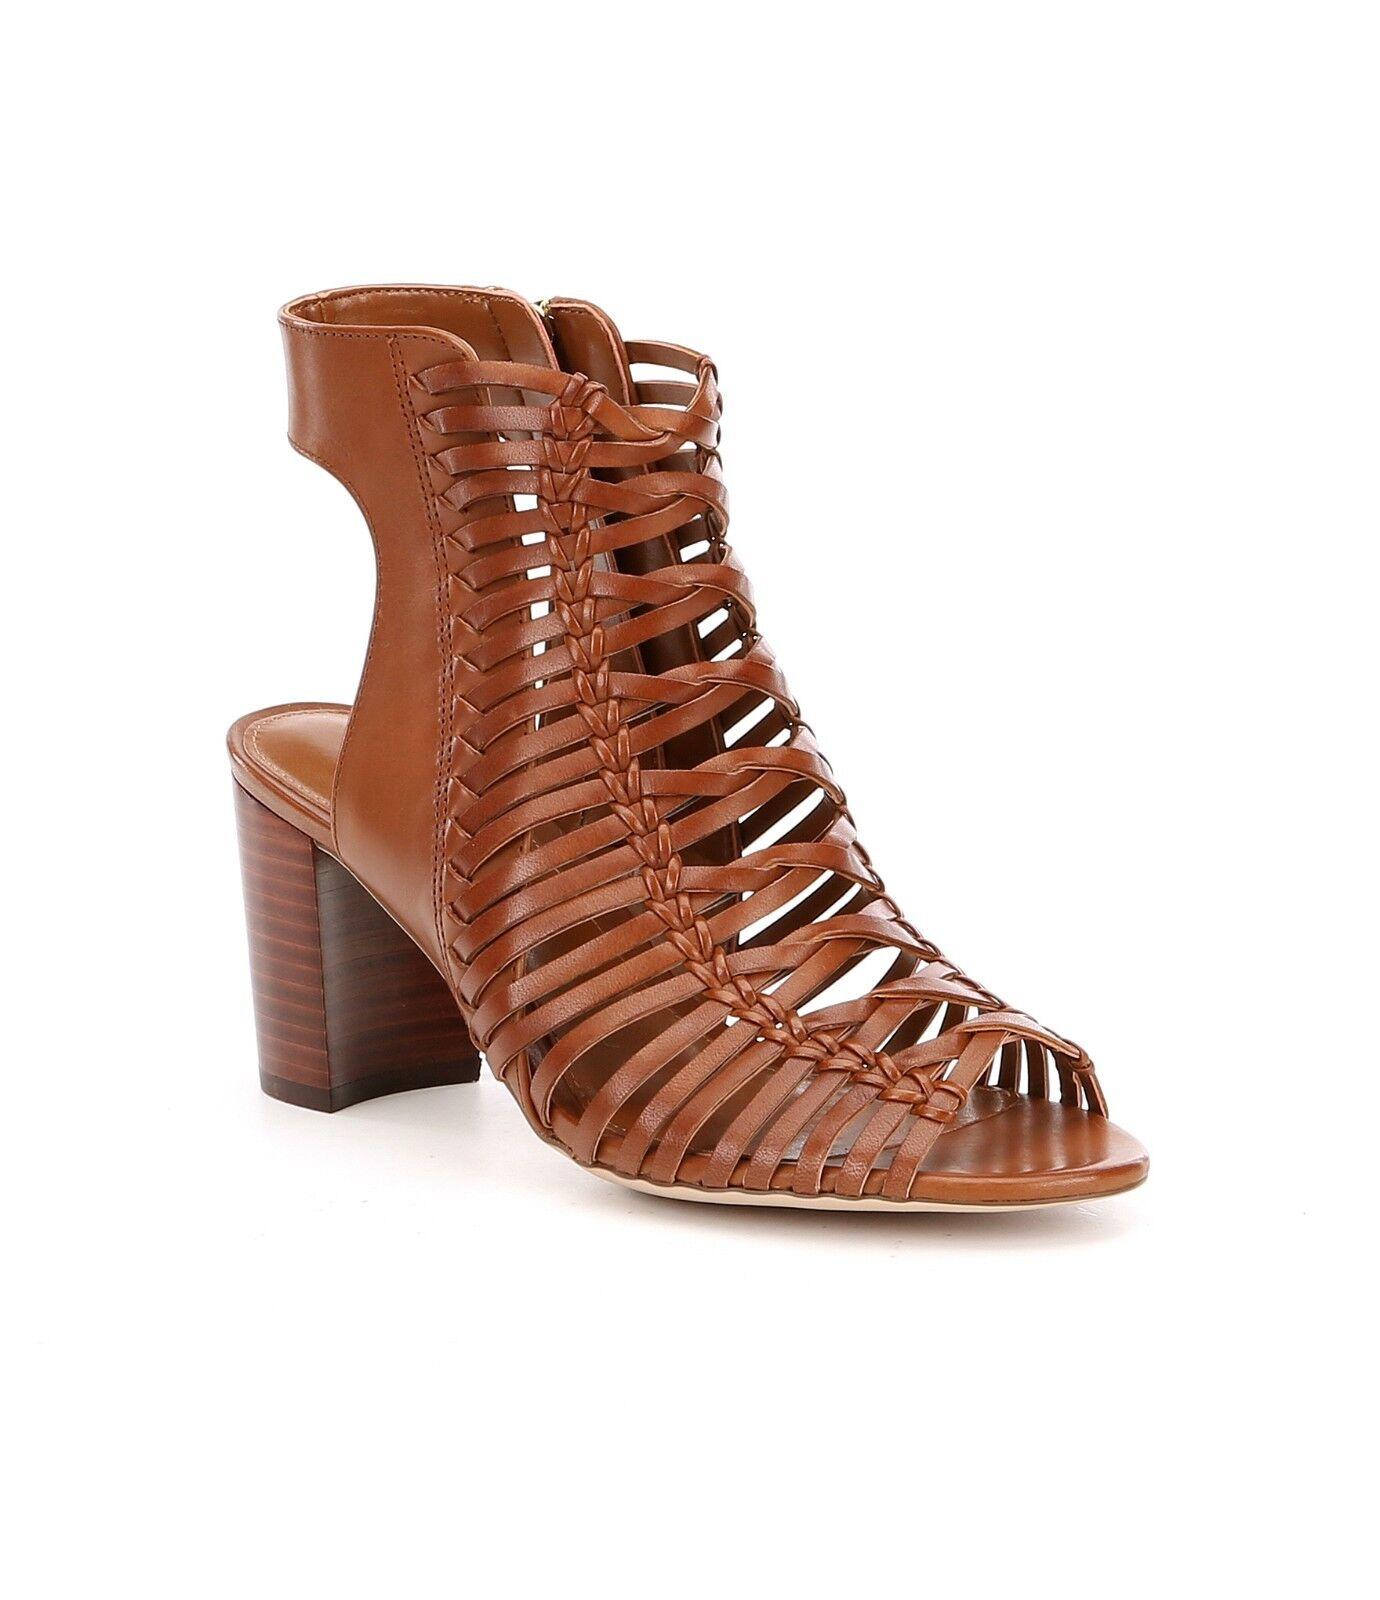 Lauren Ralph Lauren Hali donna Dimensione 8B  Woven Tan Block Heel Sandals New  consegna lampo